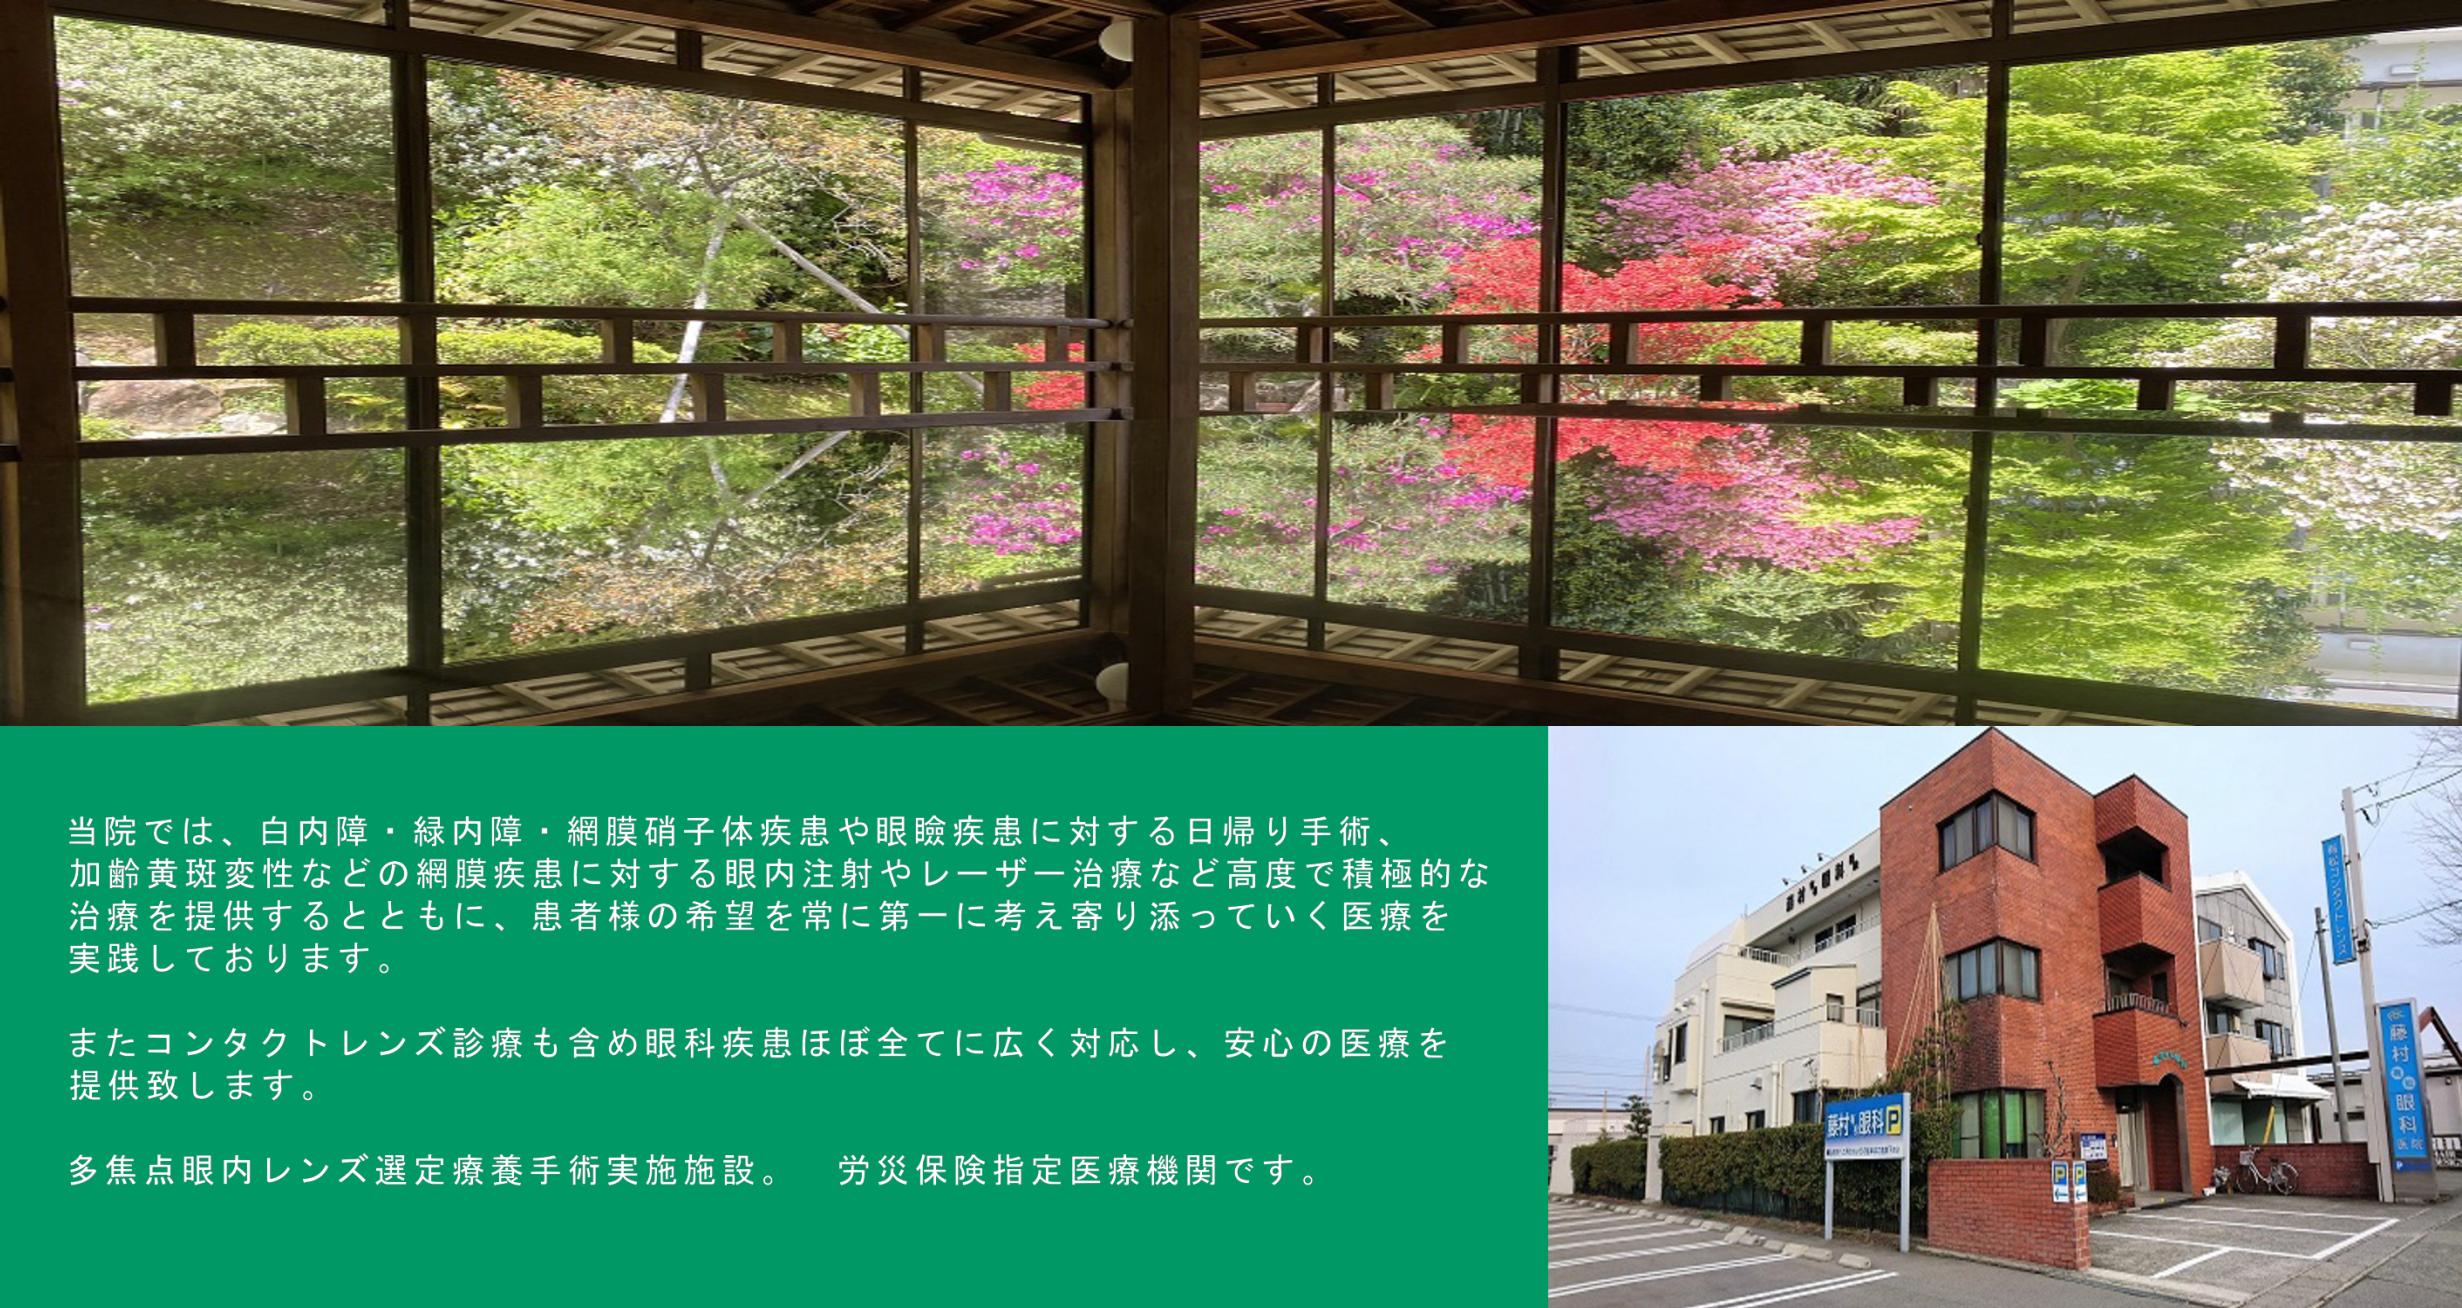 石川県 ばくさい